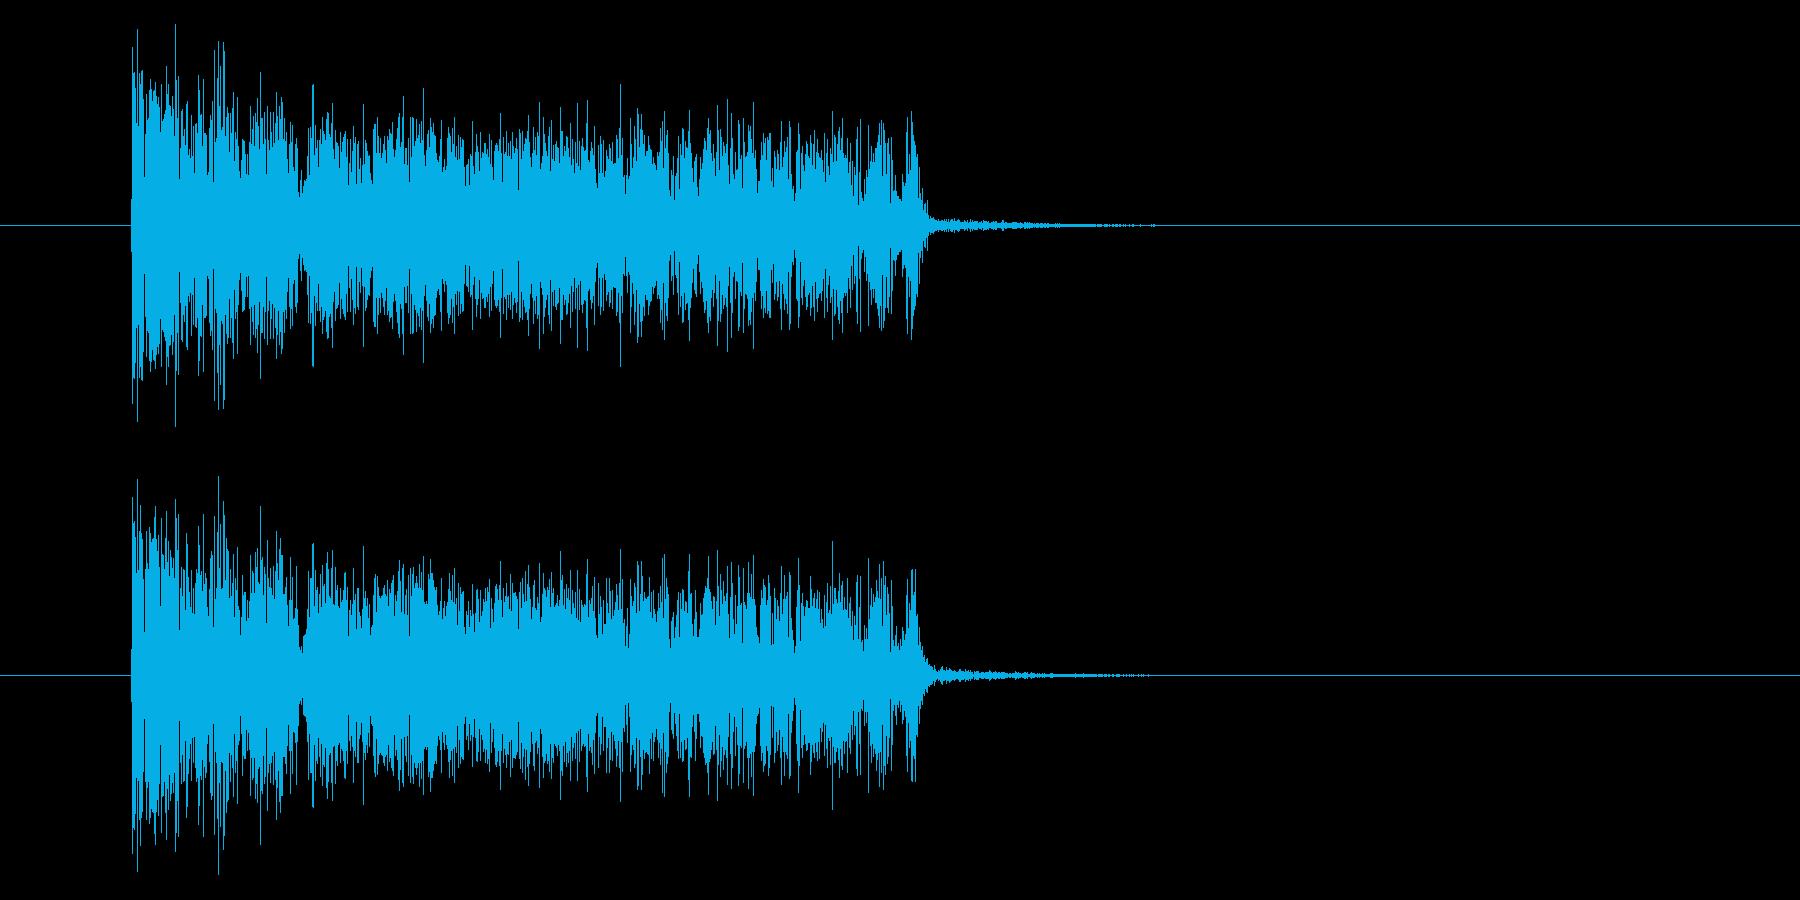 ザザッ/ノイズ/場面転換/短い/場面転換の再生済みの波形